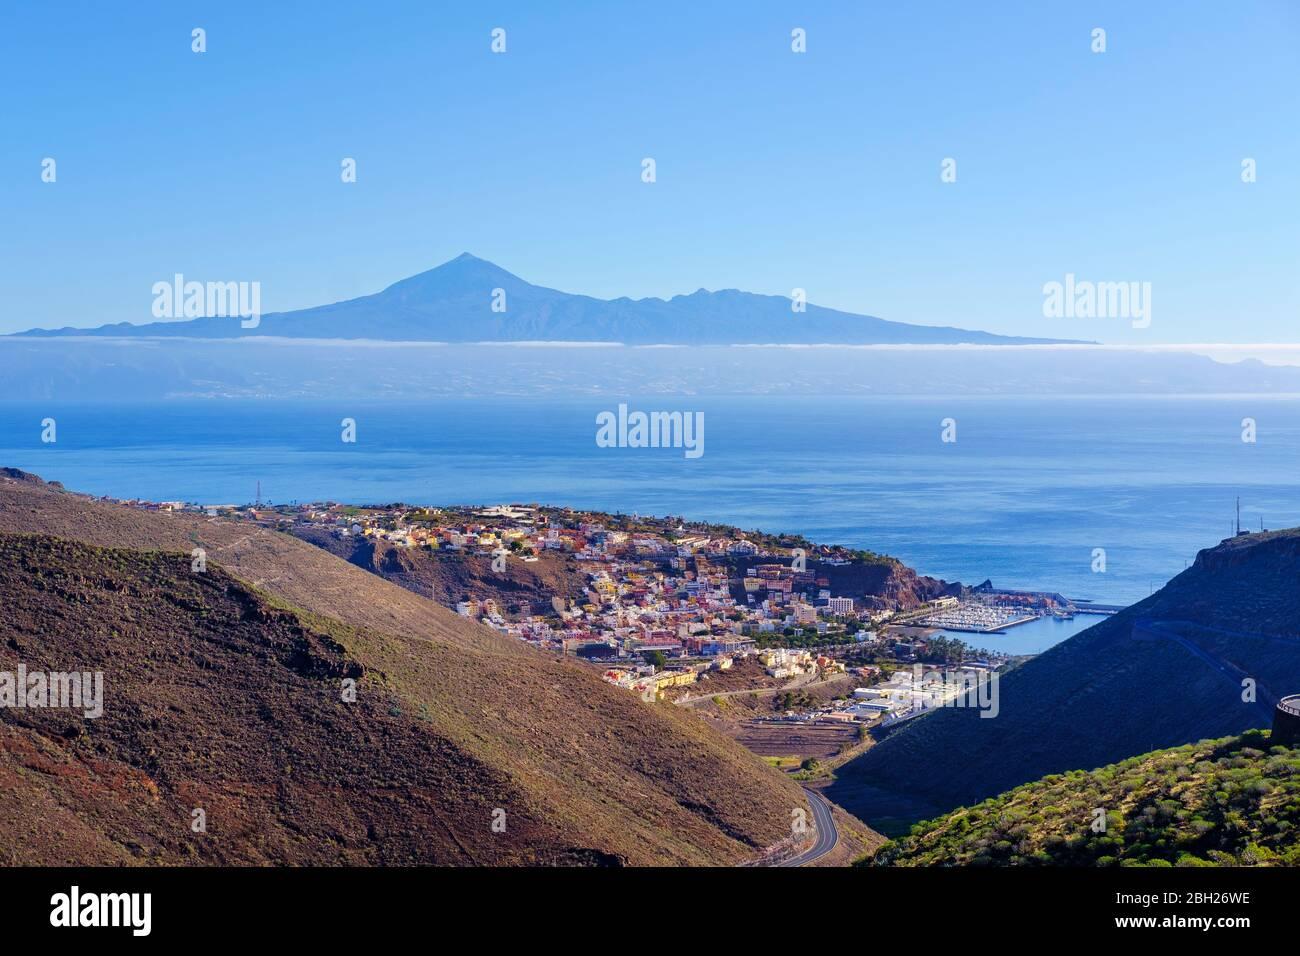 Spain, Province of Santa Cruz de Tenerife, SanSebastiandeLa Gomera, Coastal town with Tenerife island in distant background Stock Photo